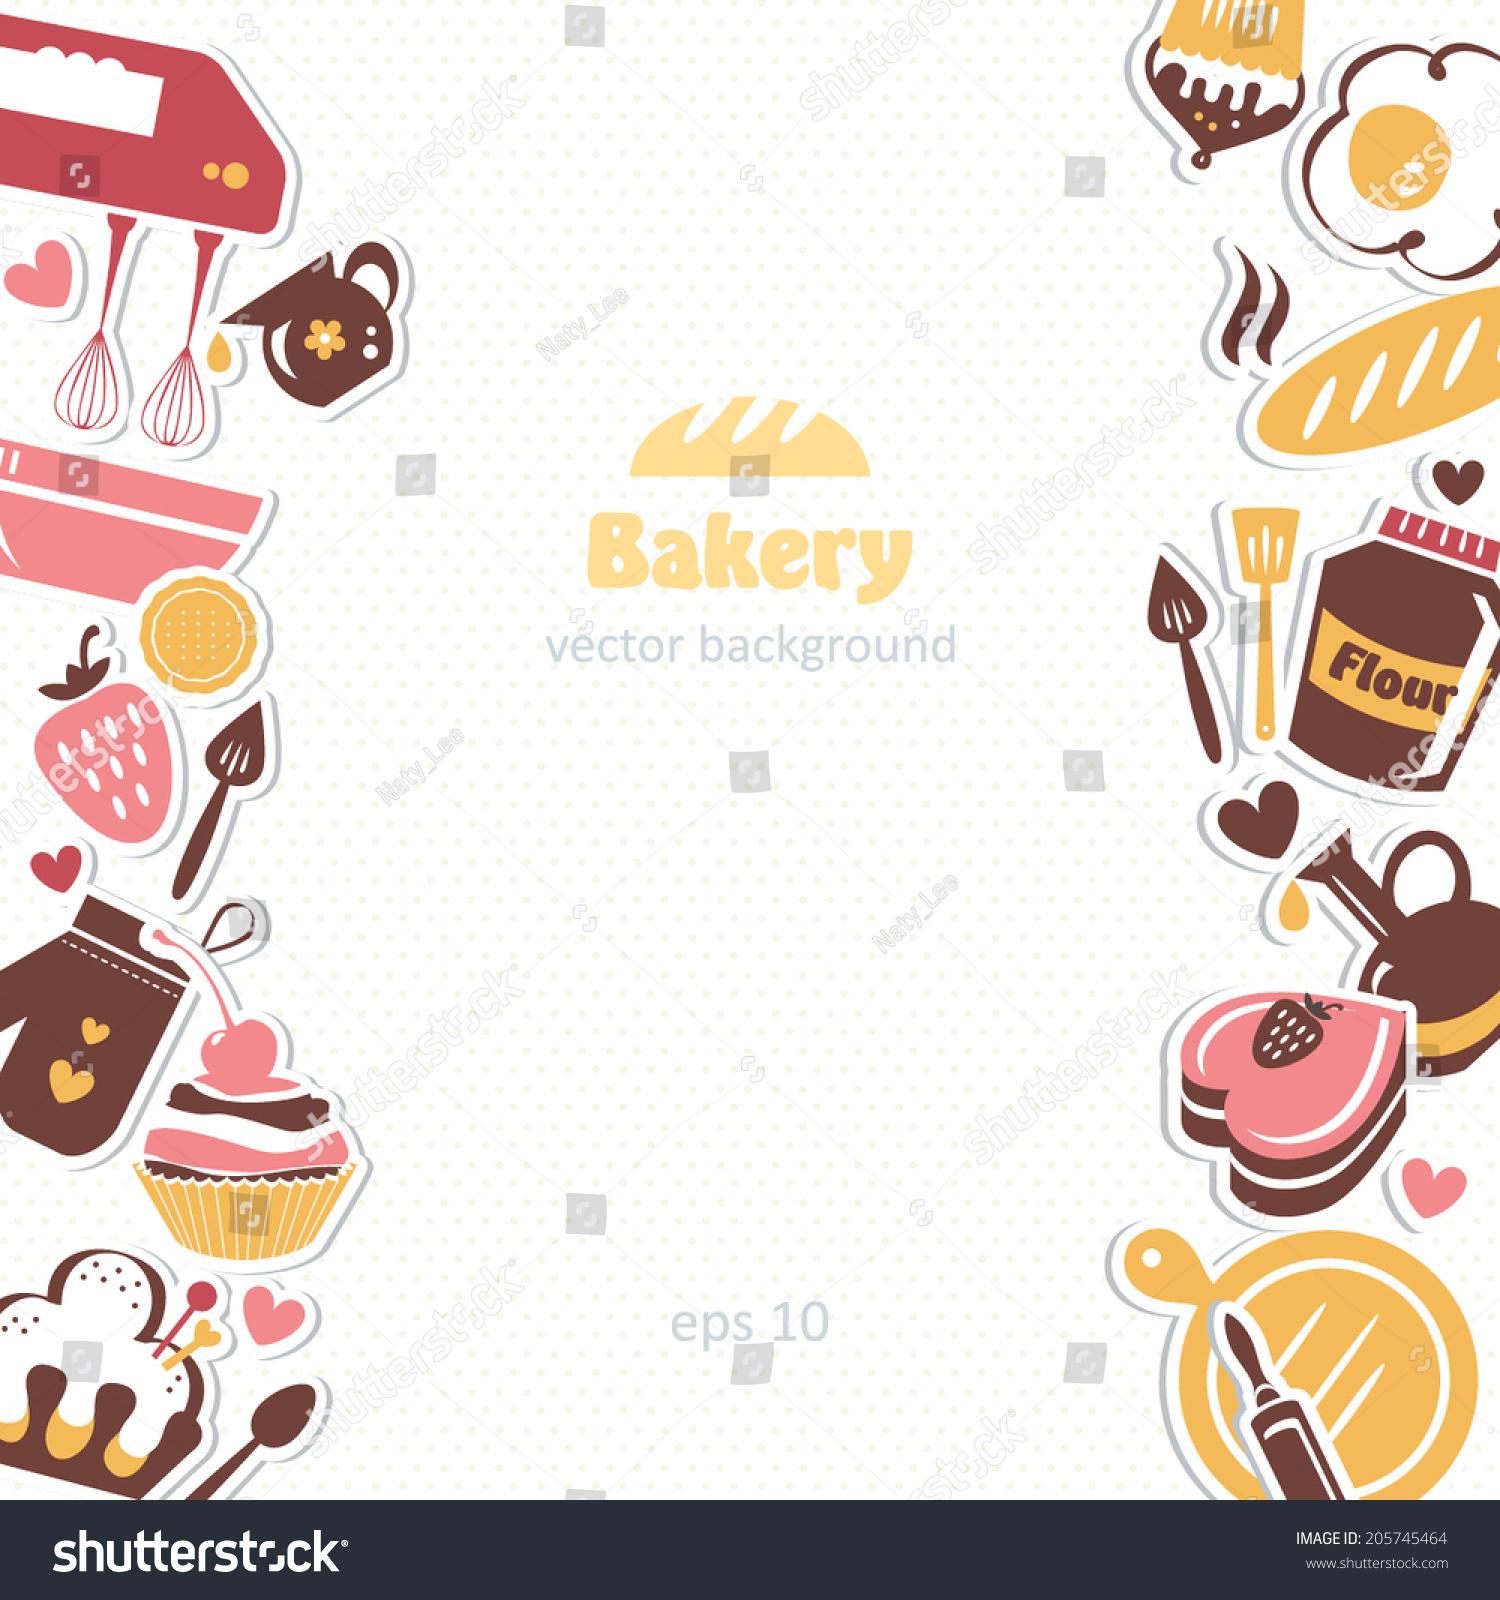 Bakery Background Stock Vector 205745464 Shutterstock